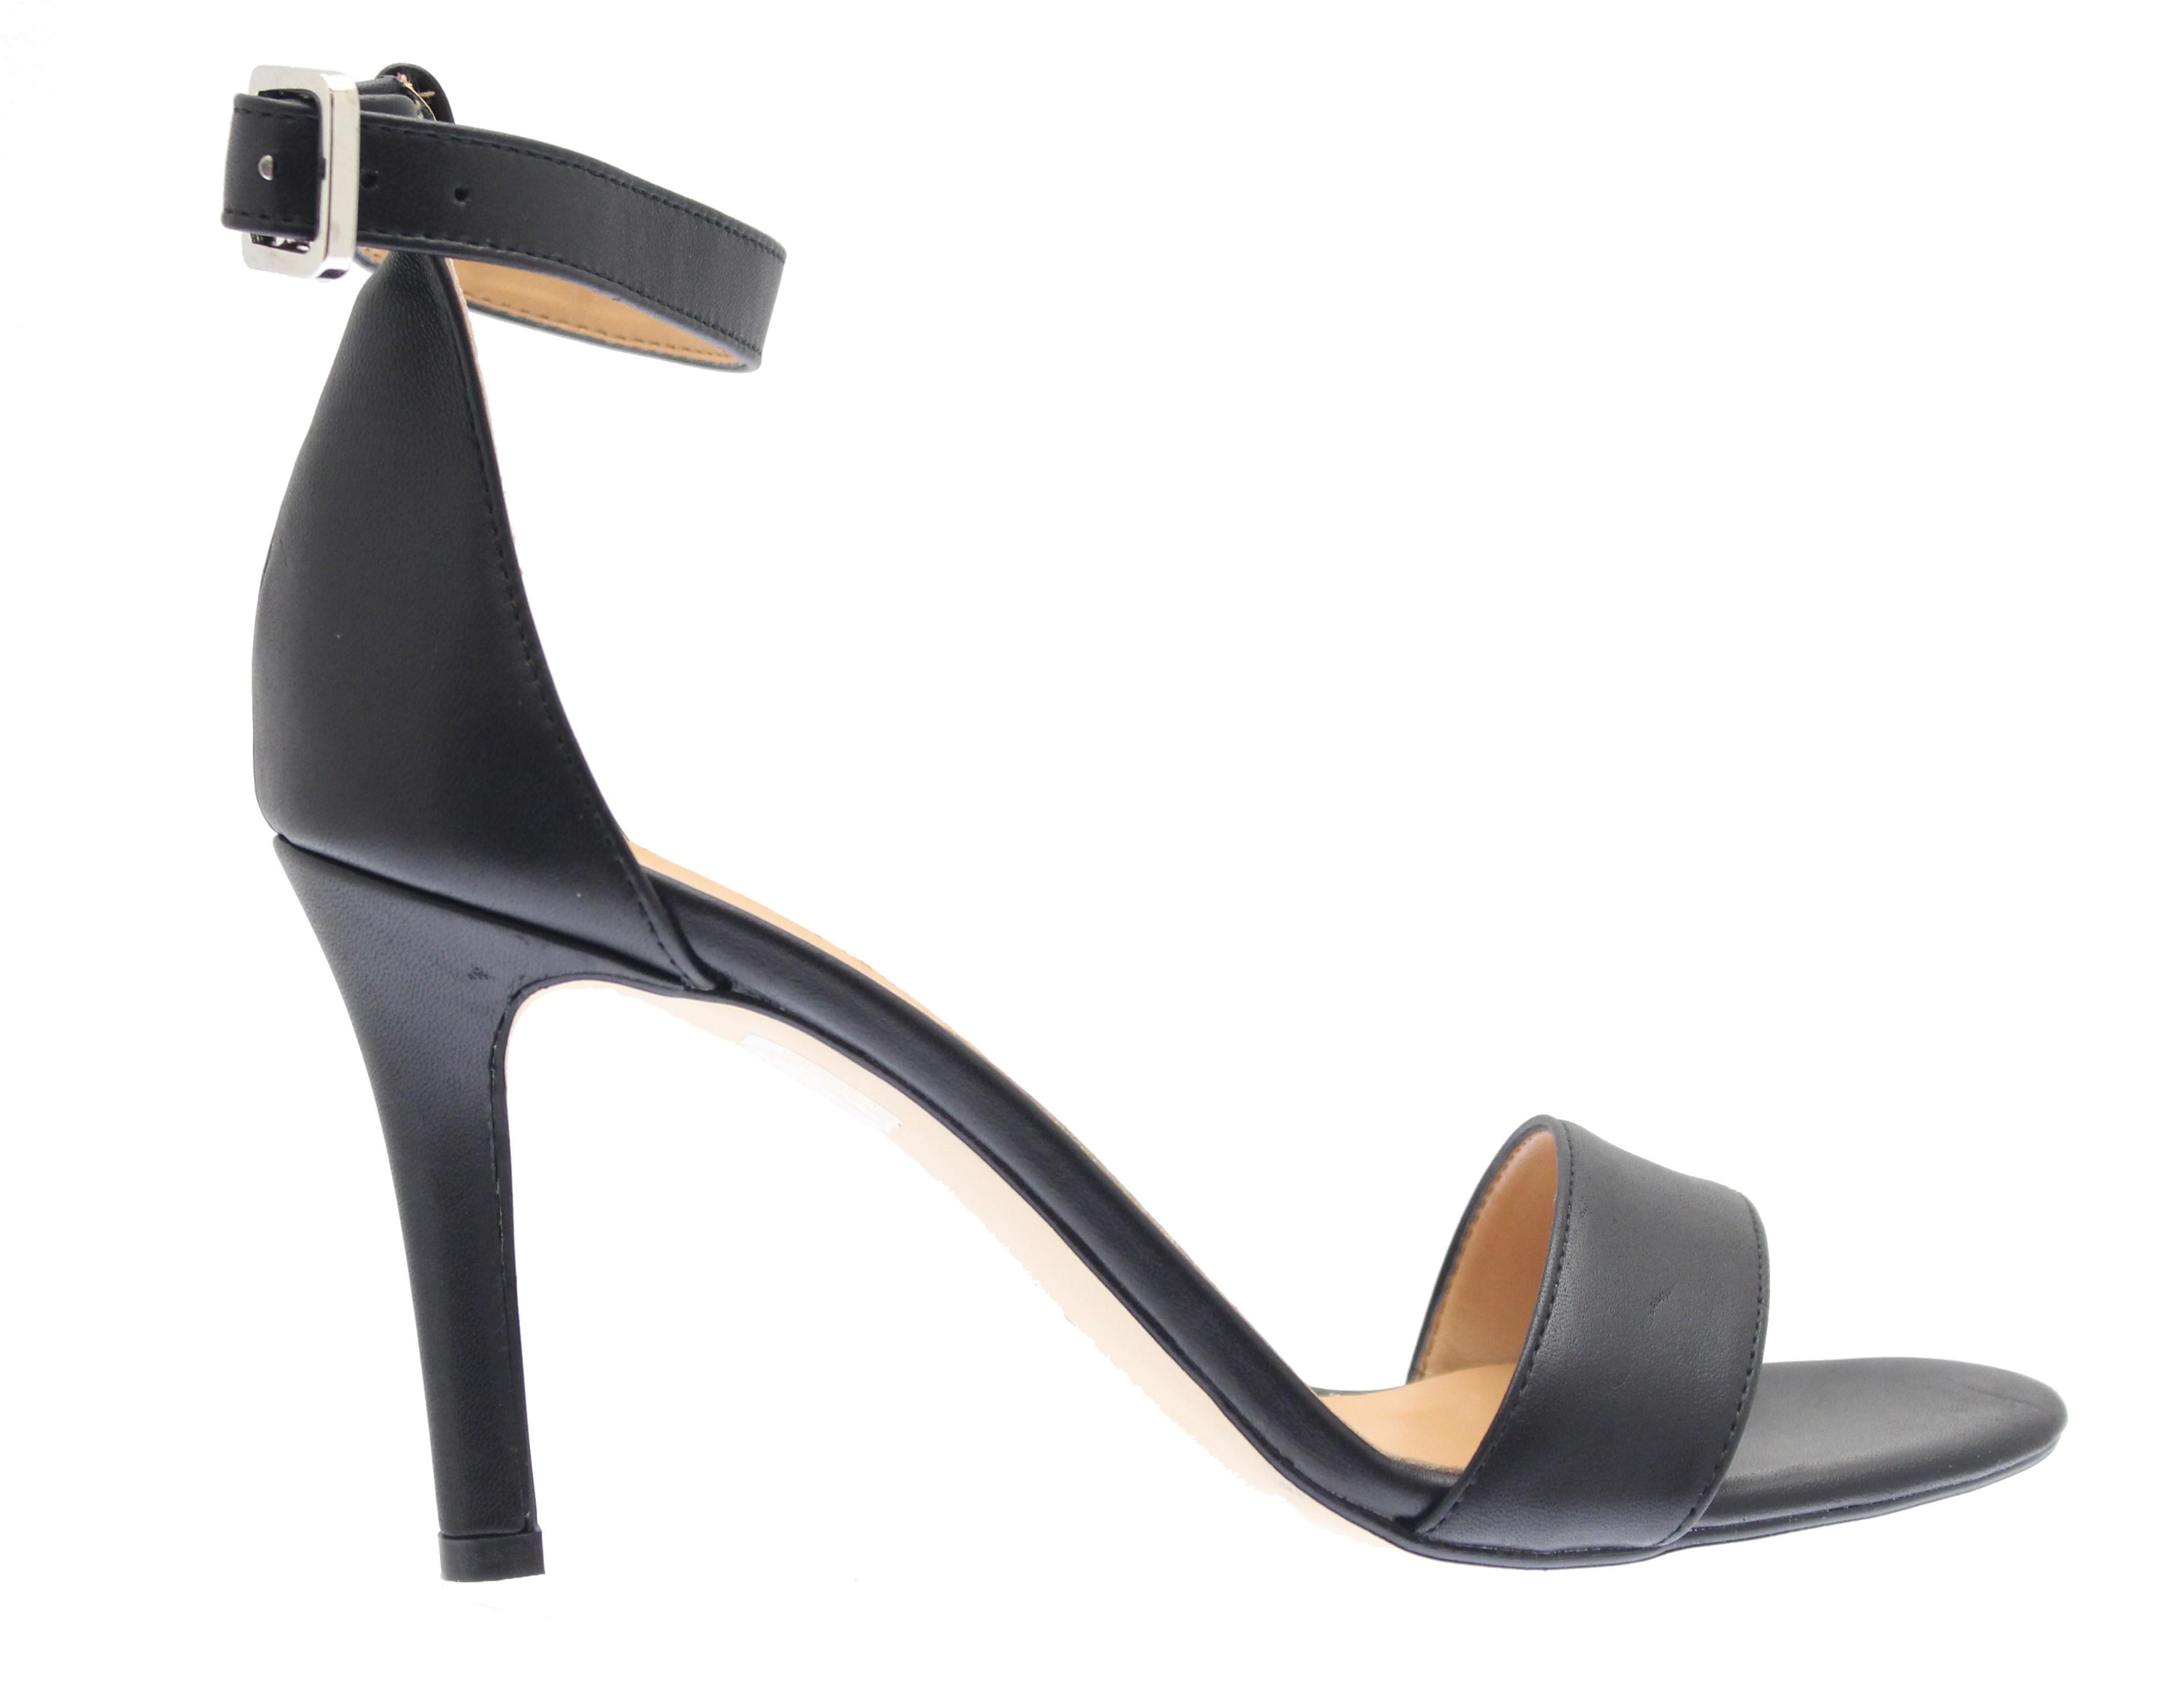 af7b66f98 Sandale black élégance & petit talon OSMOSE Shoes à prix dreamissime